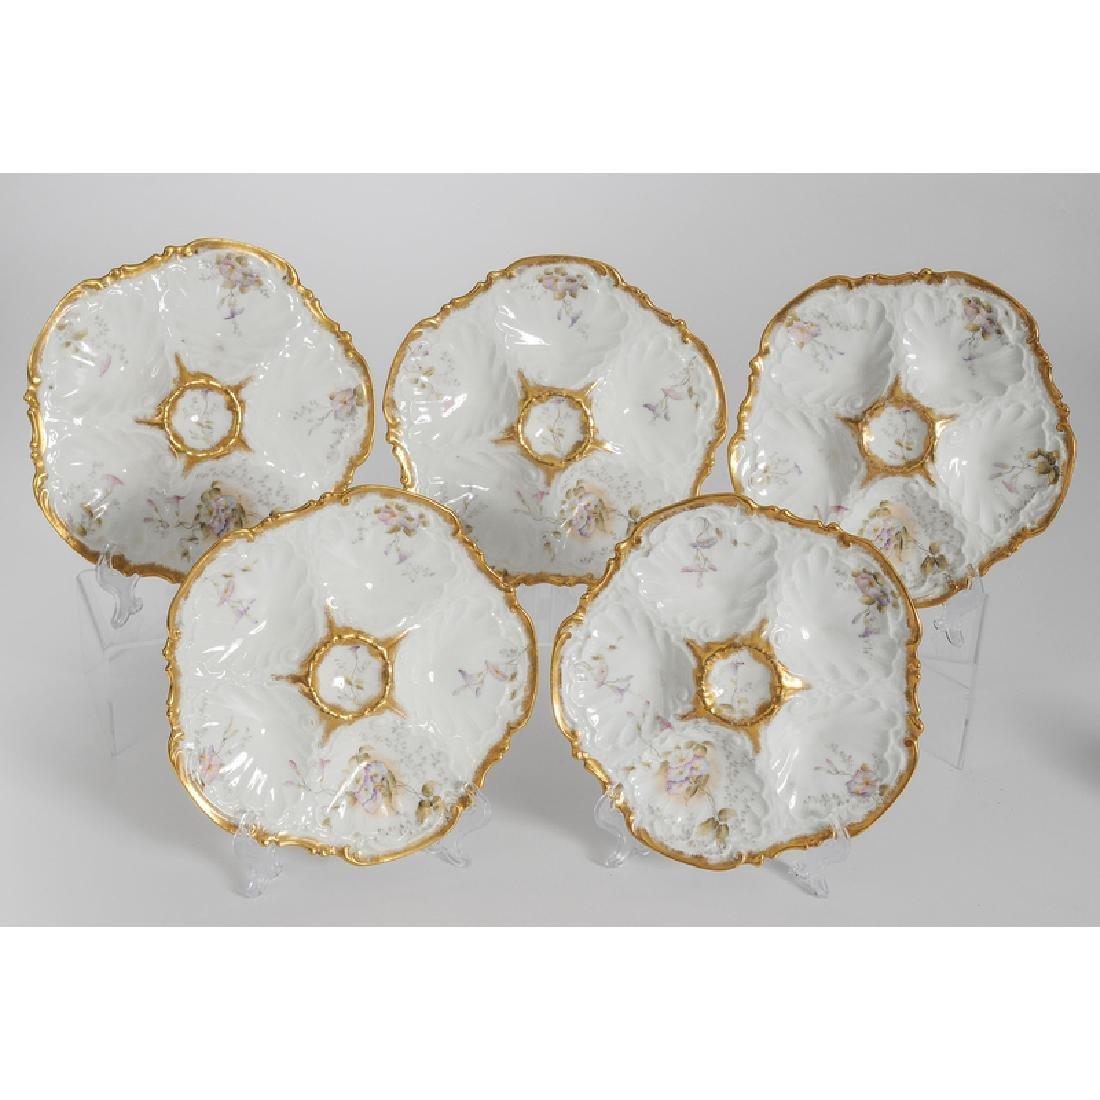 Limoges Porcelain Oyster Plates